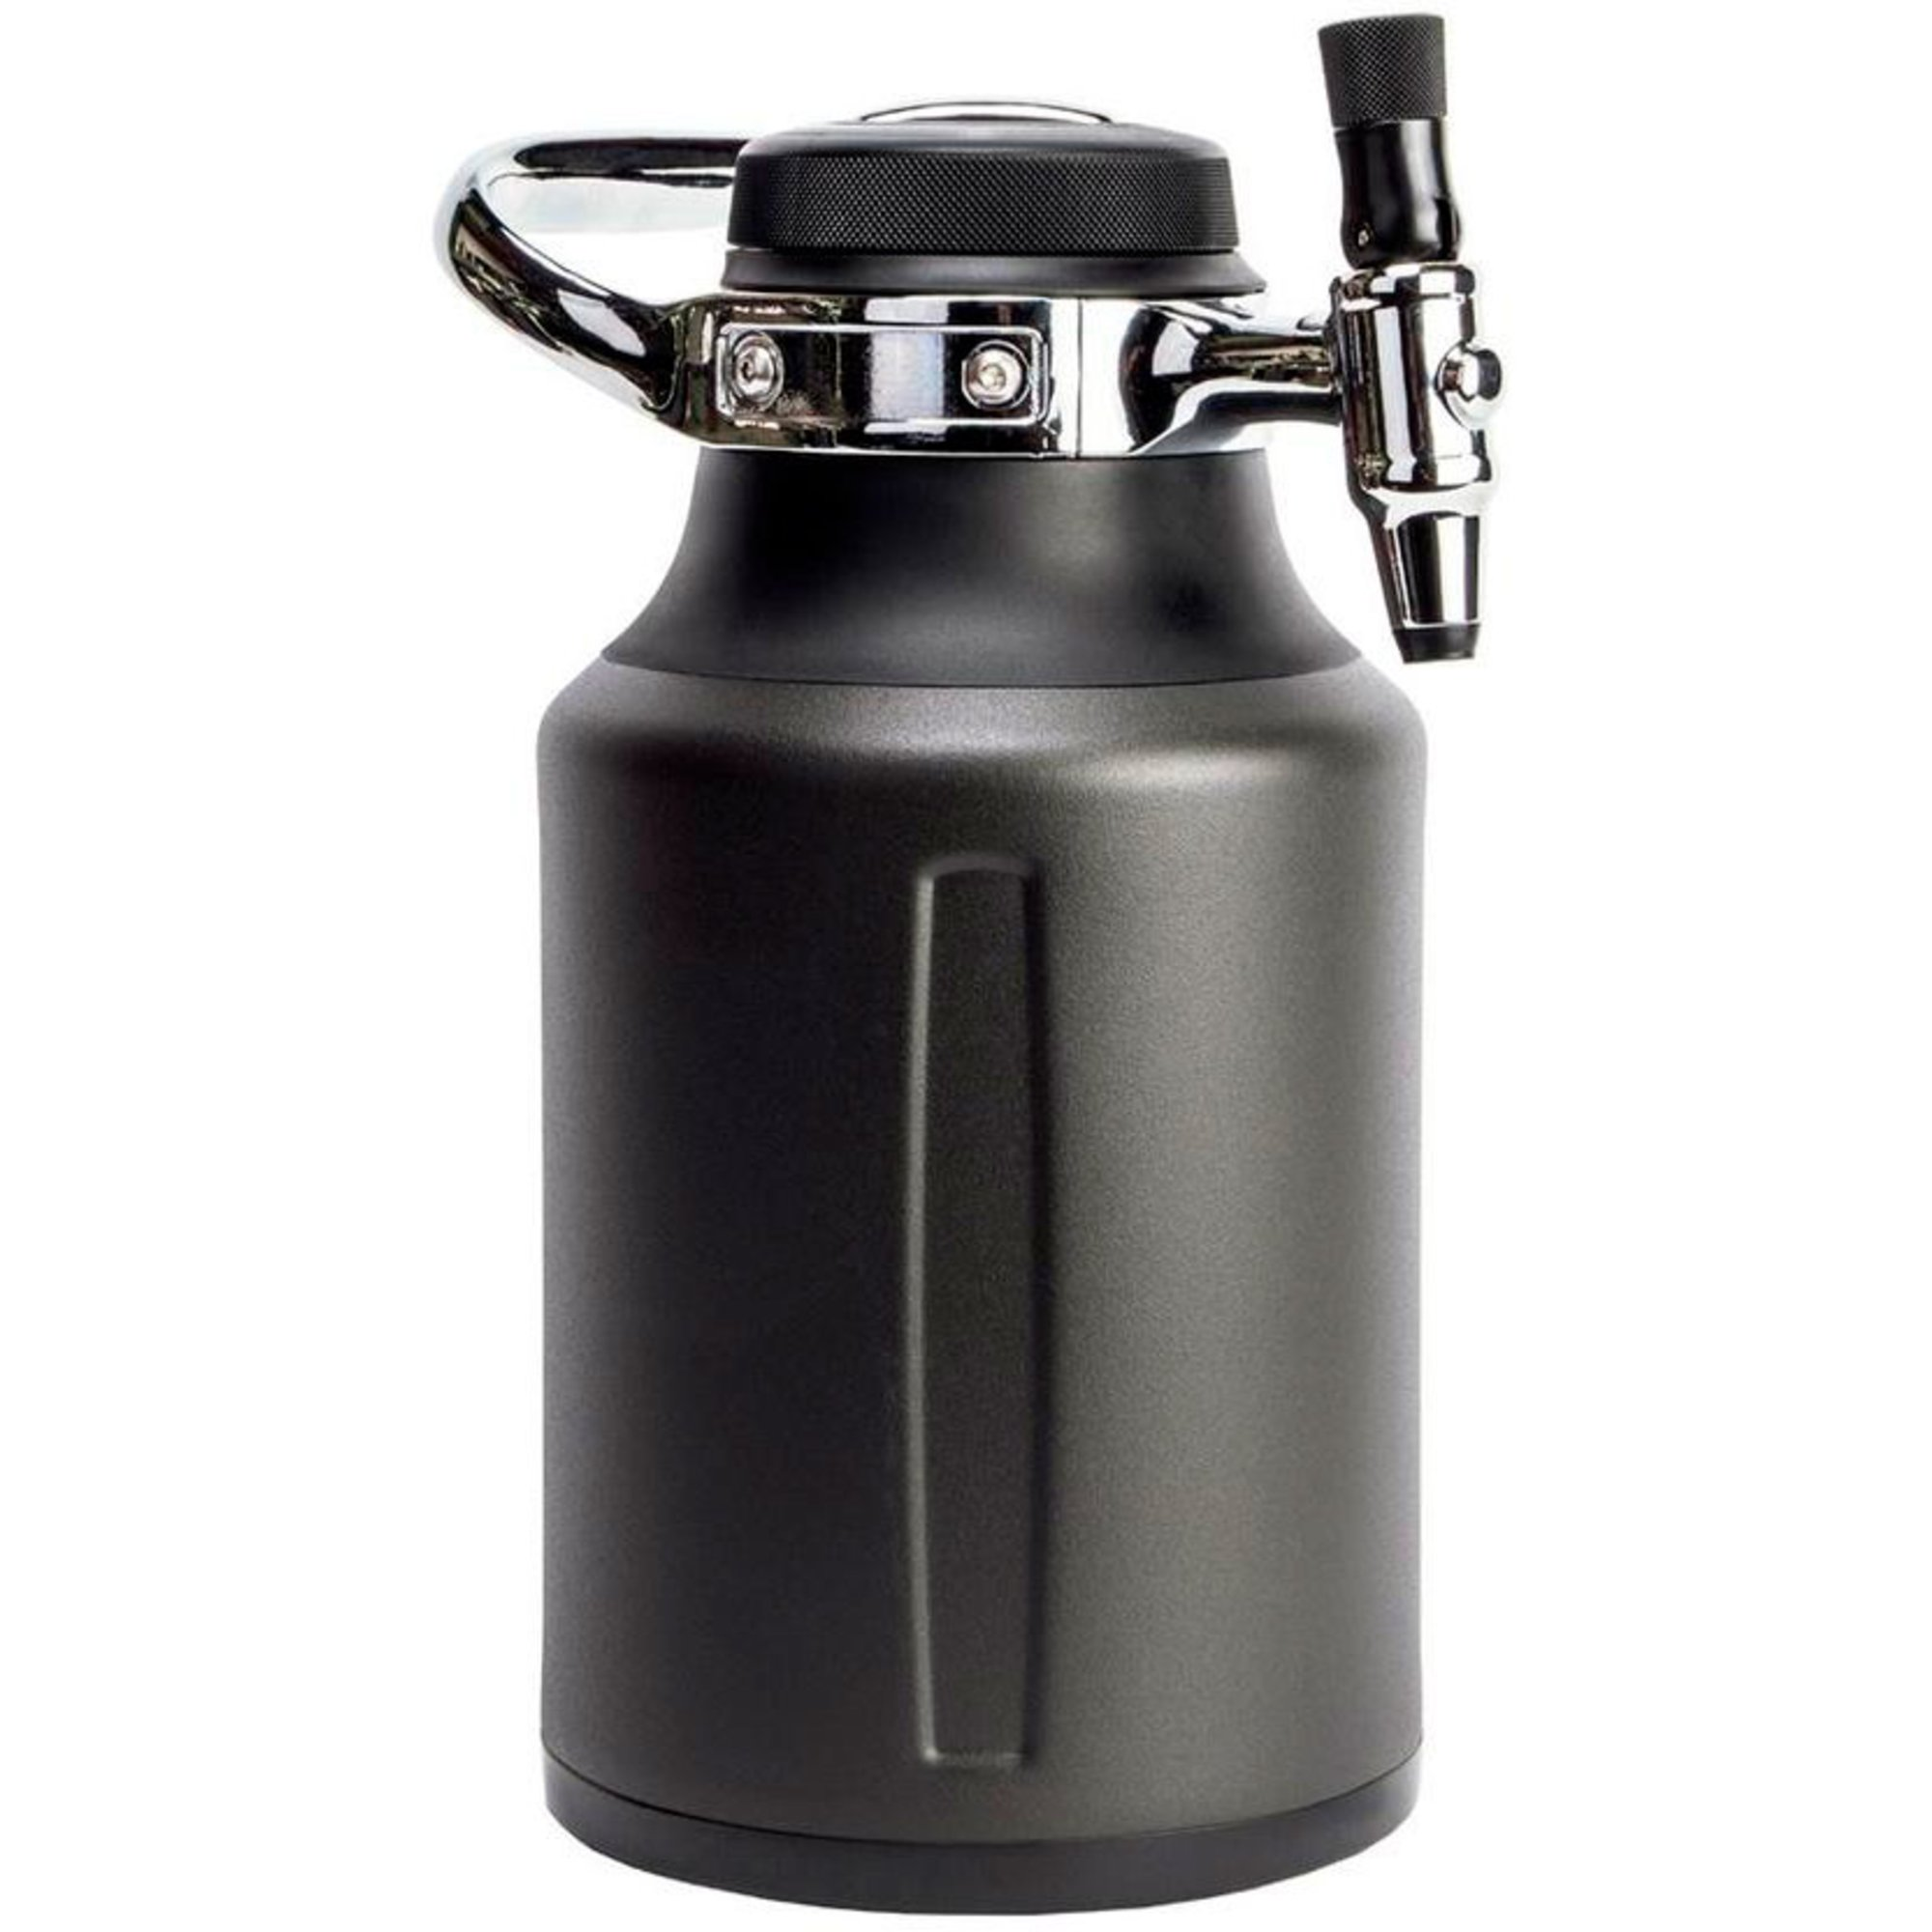 GrowlerWerks uKeg Go tungsten 19 liter